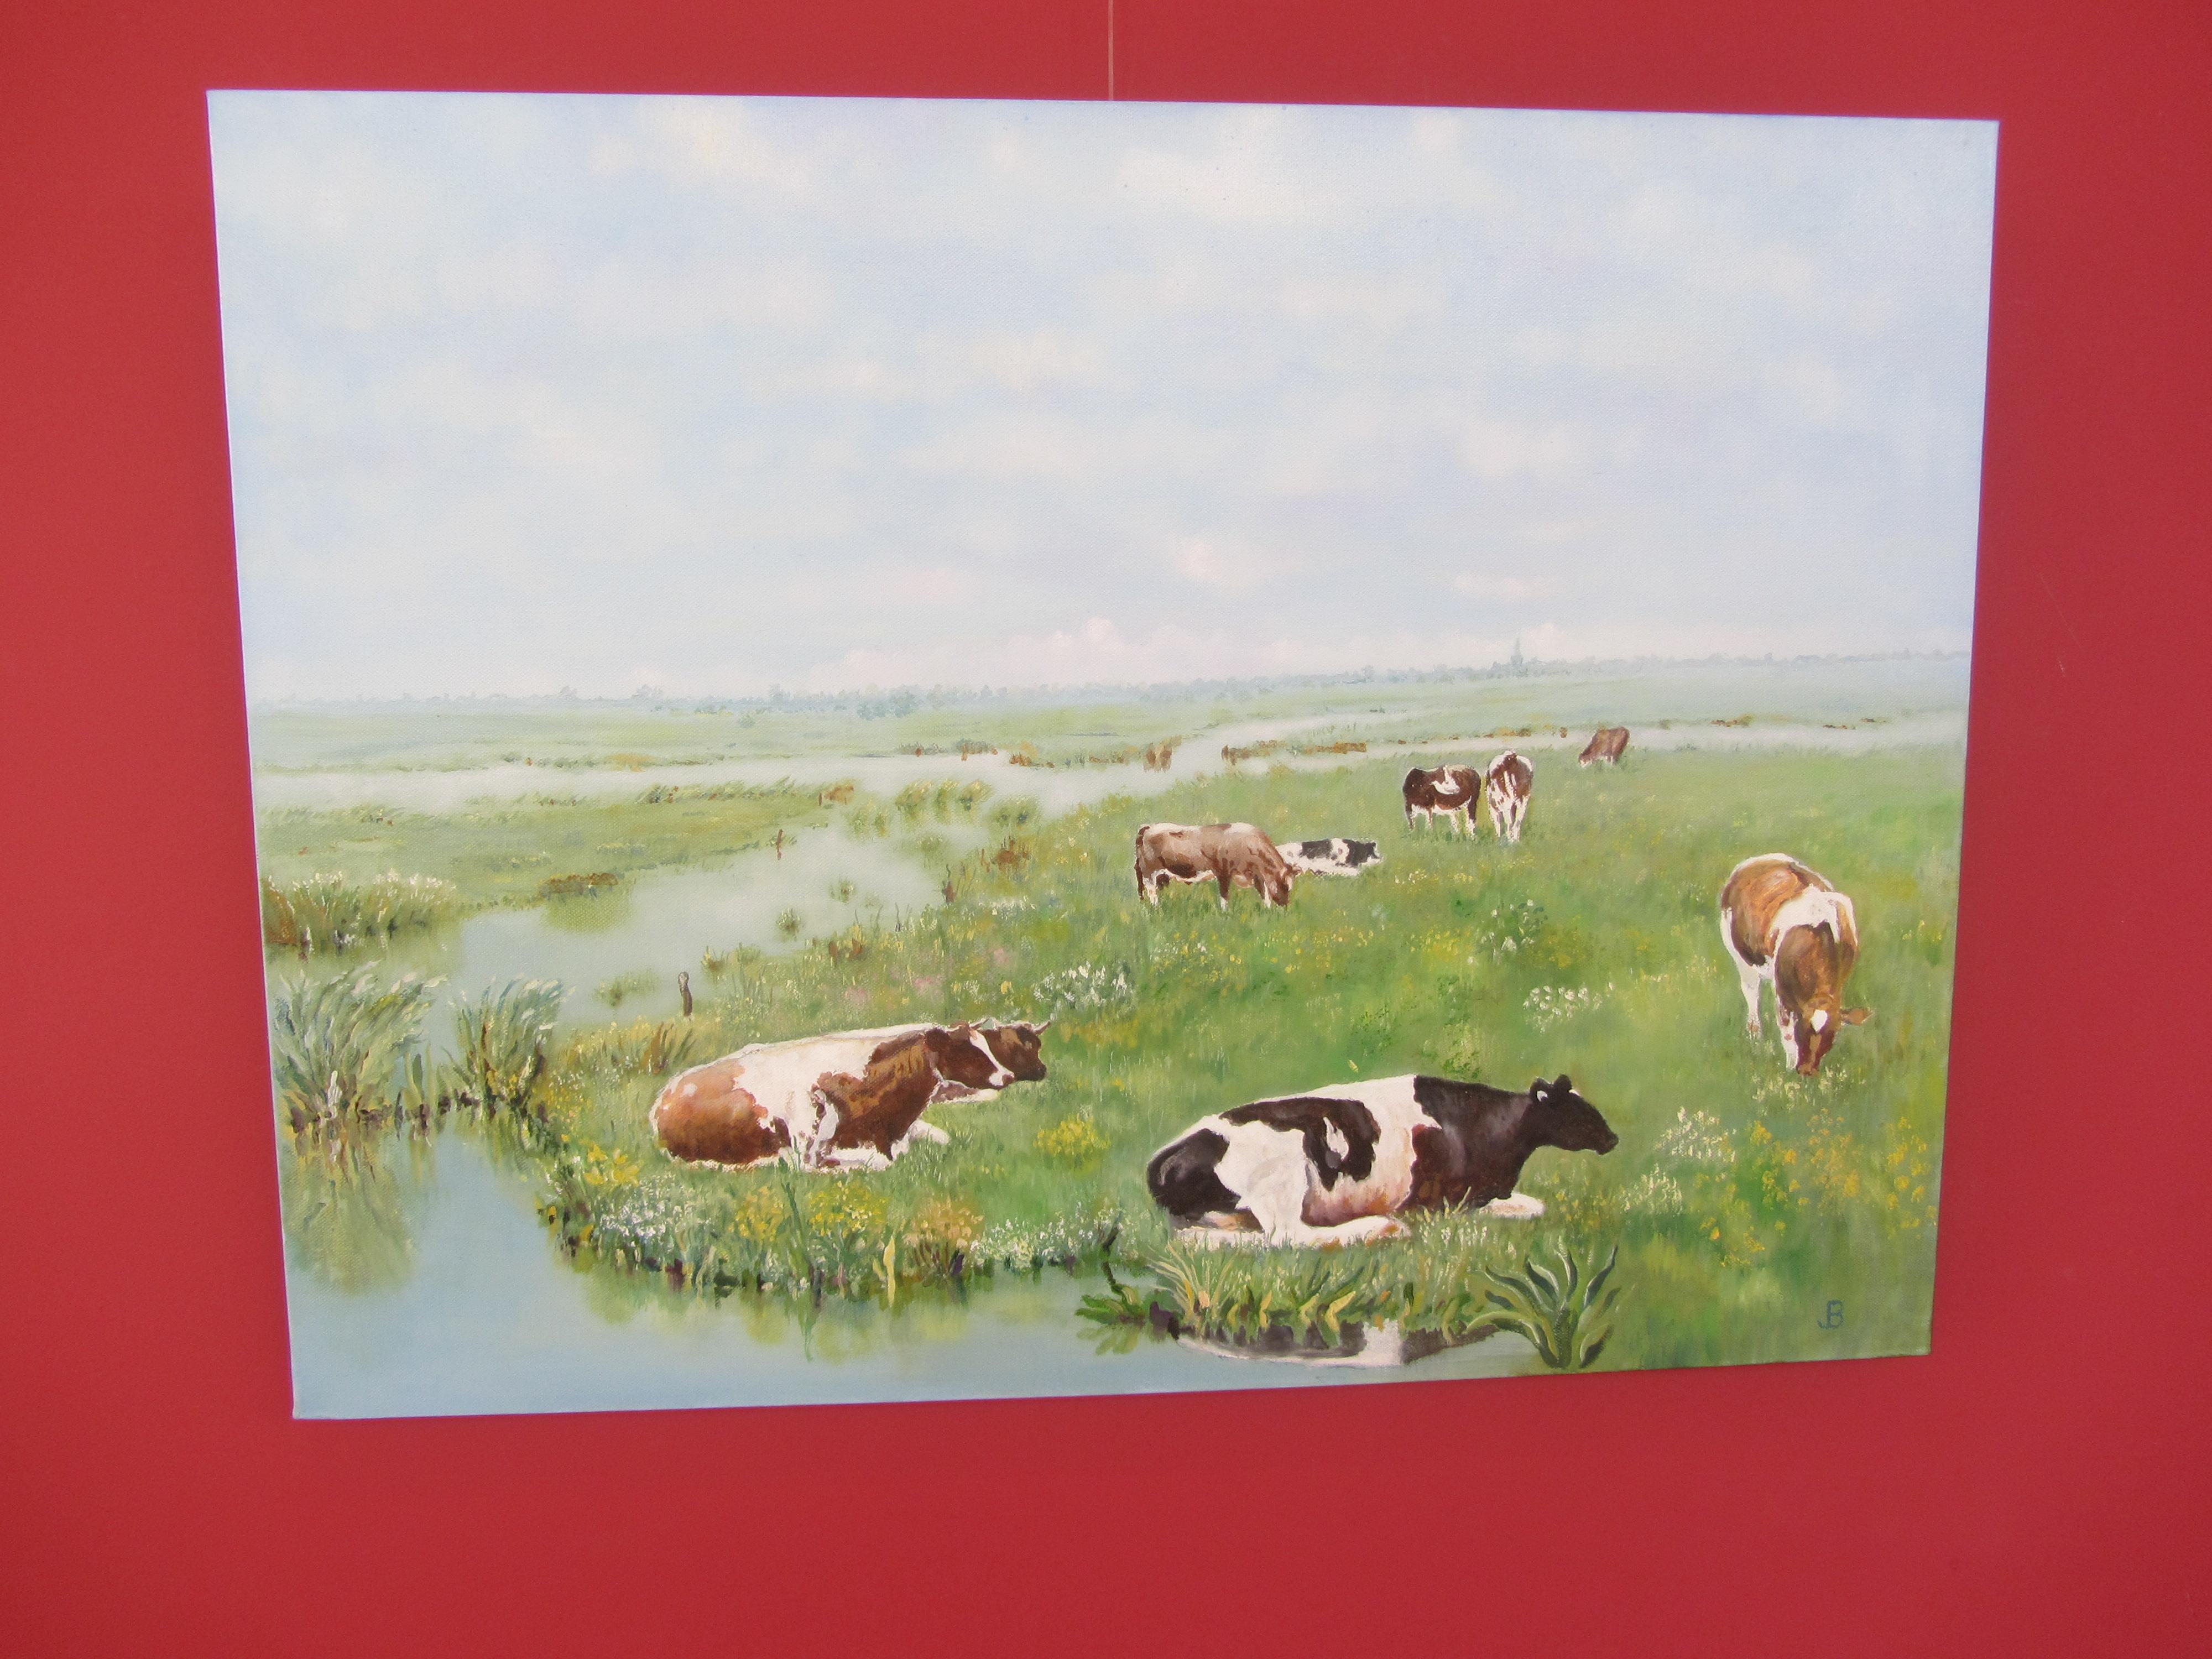 Jelle Bakker bij zijn bos. Koeien, de Ardeche en aquarellen van Jelle. (Foto's: JWvD) rodi.nl © rodi